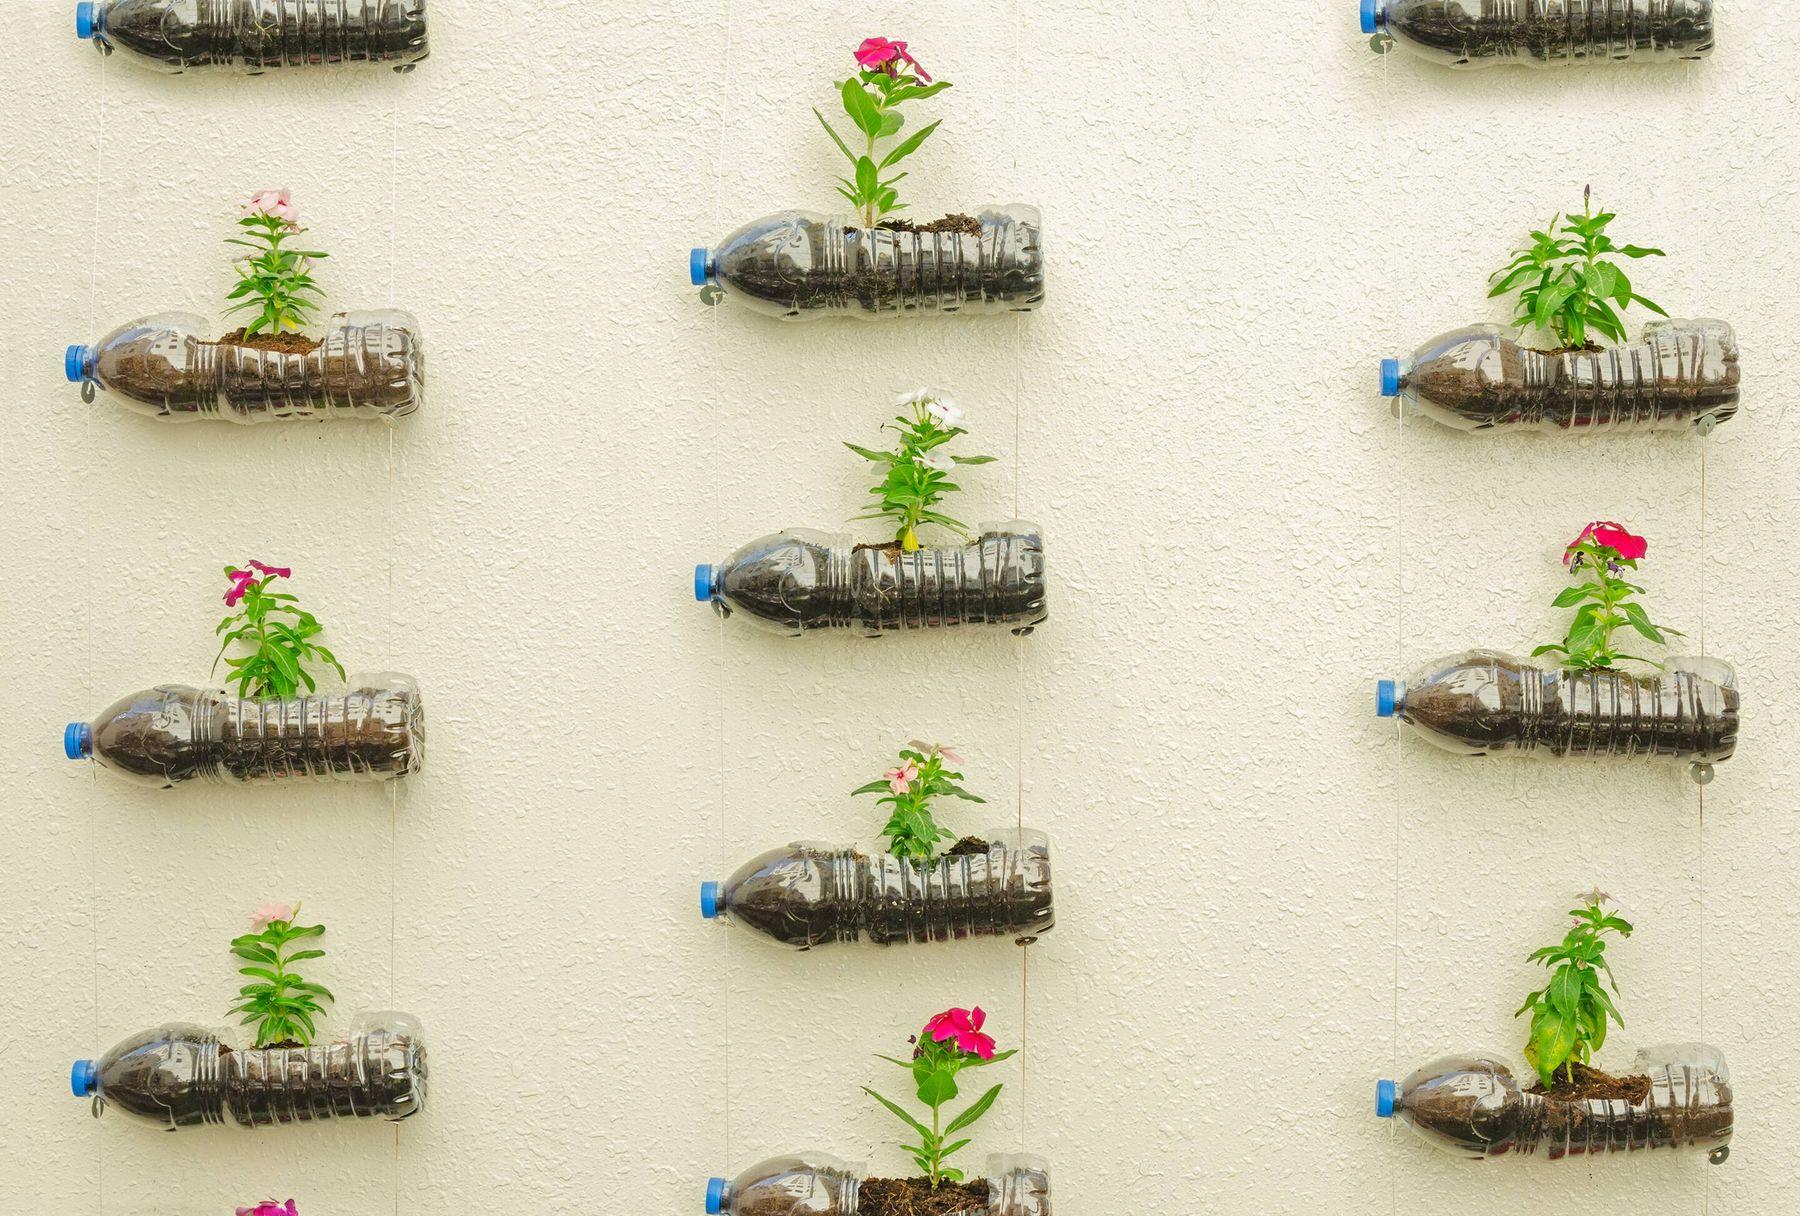 Cách tái chế chai nhựa thành chậu trồng rau giàn treo trang trí ban công